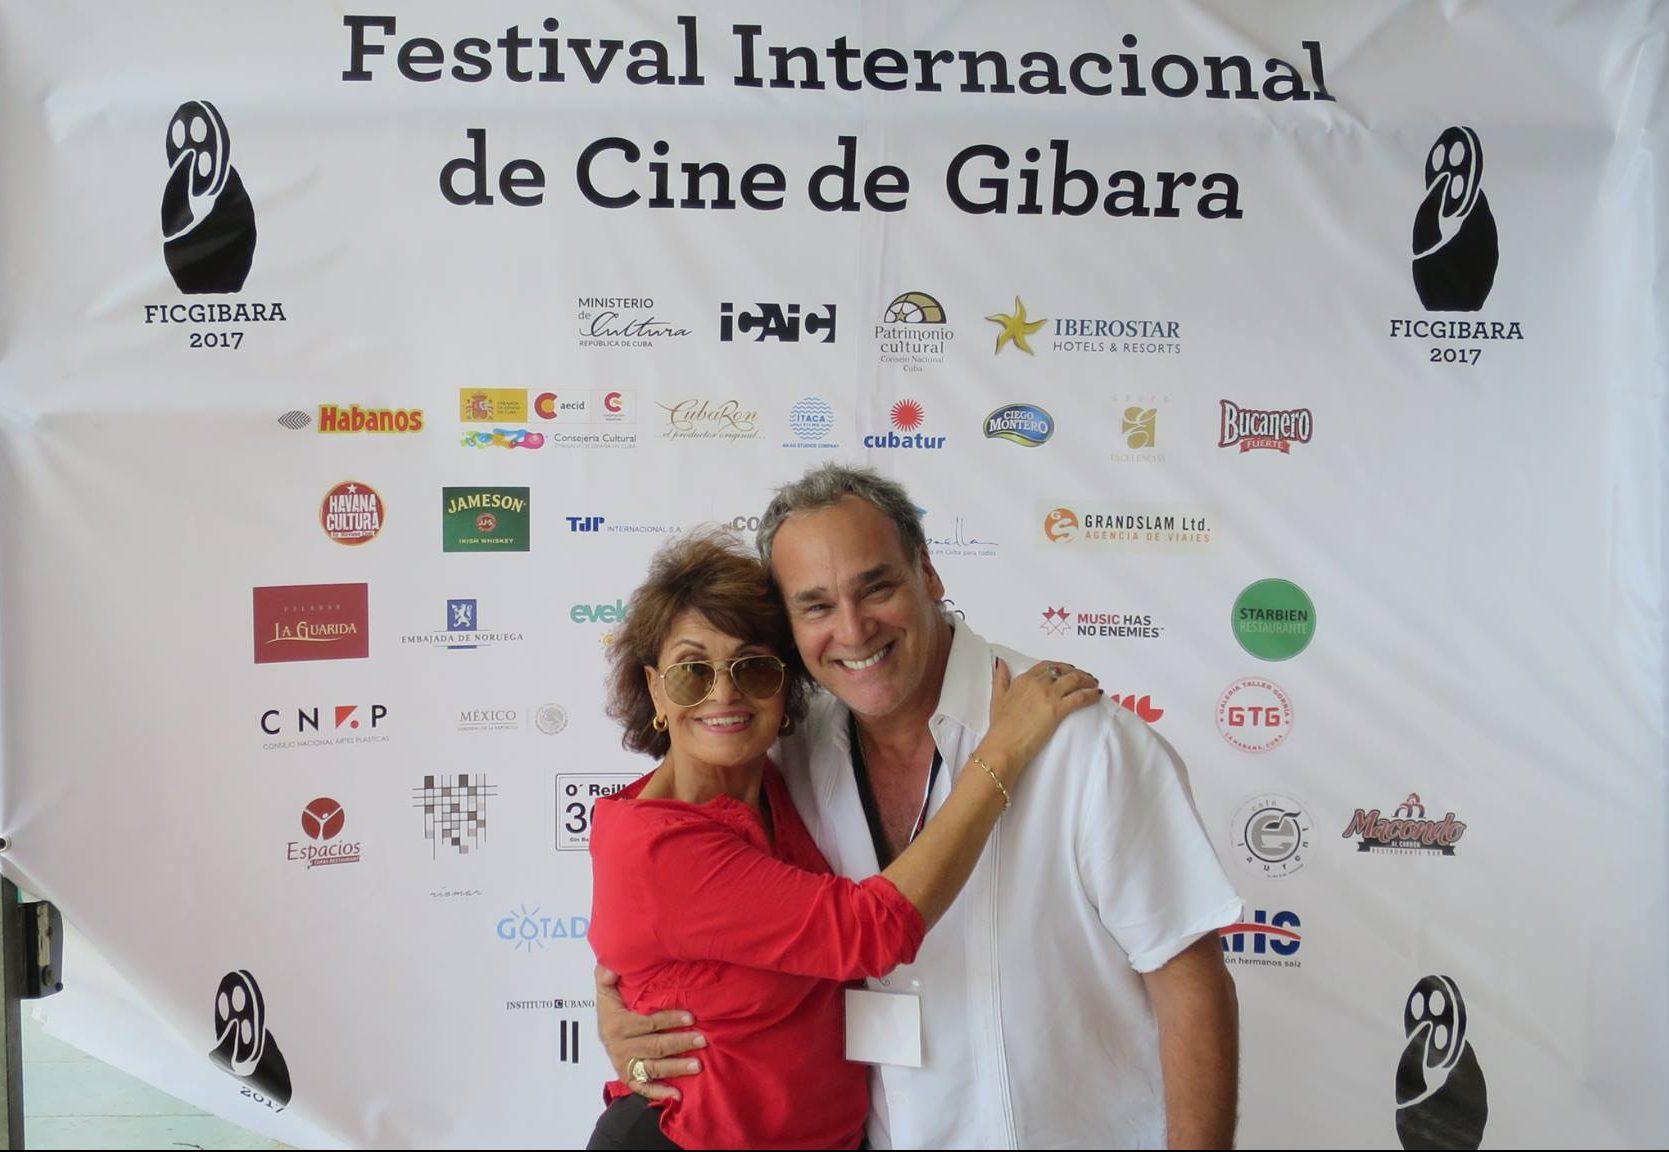 GIBARA FILM FESTIVAL